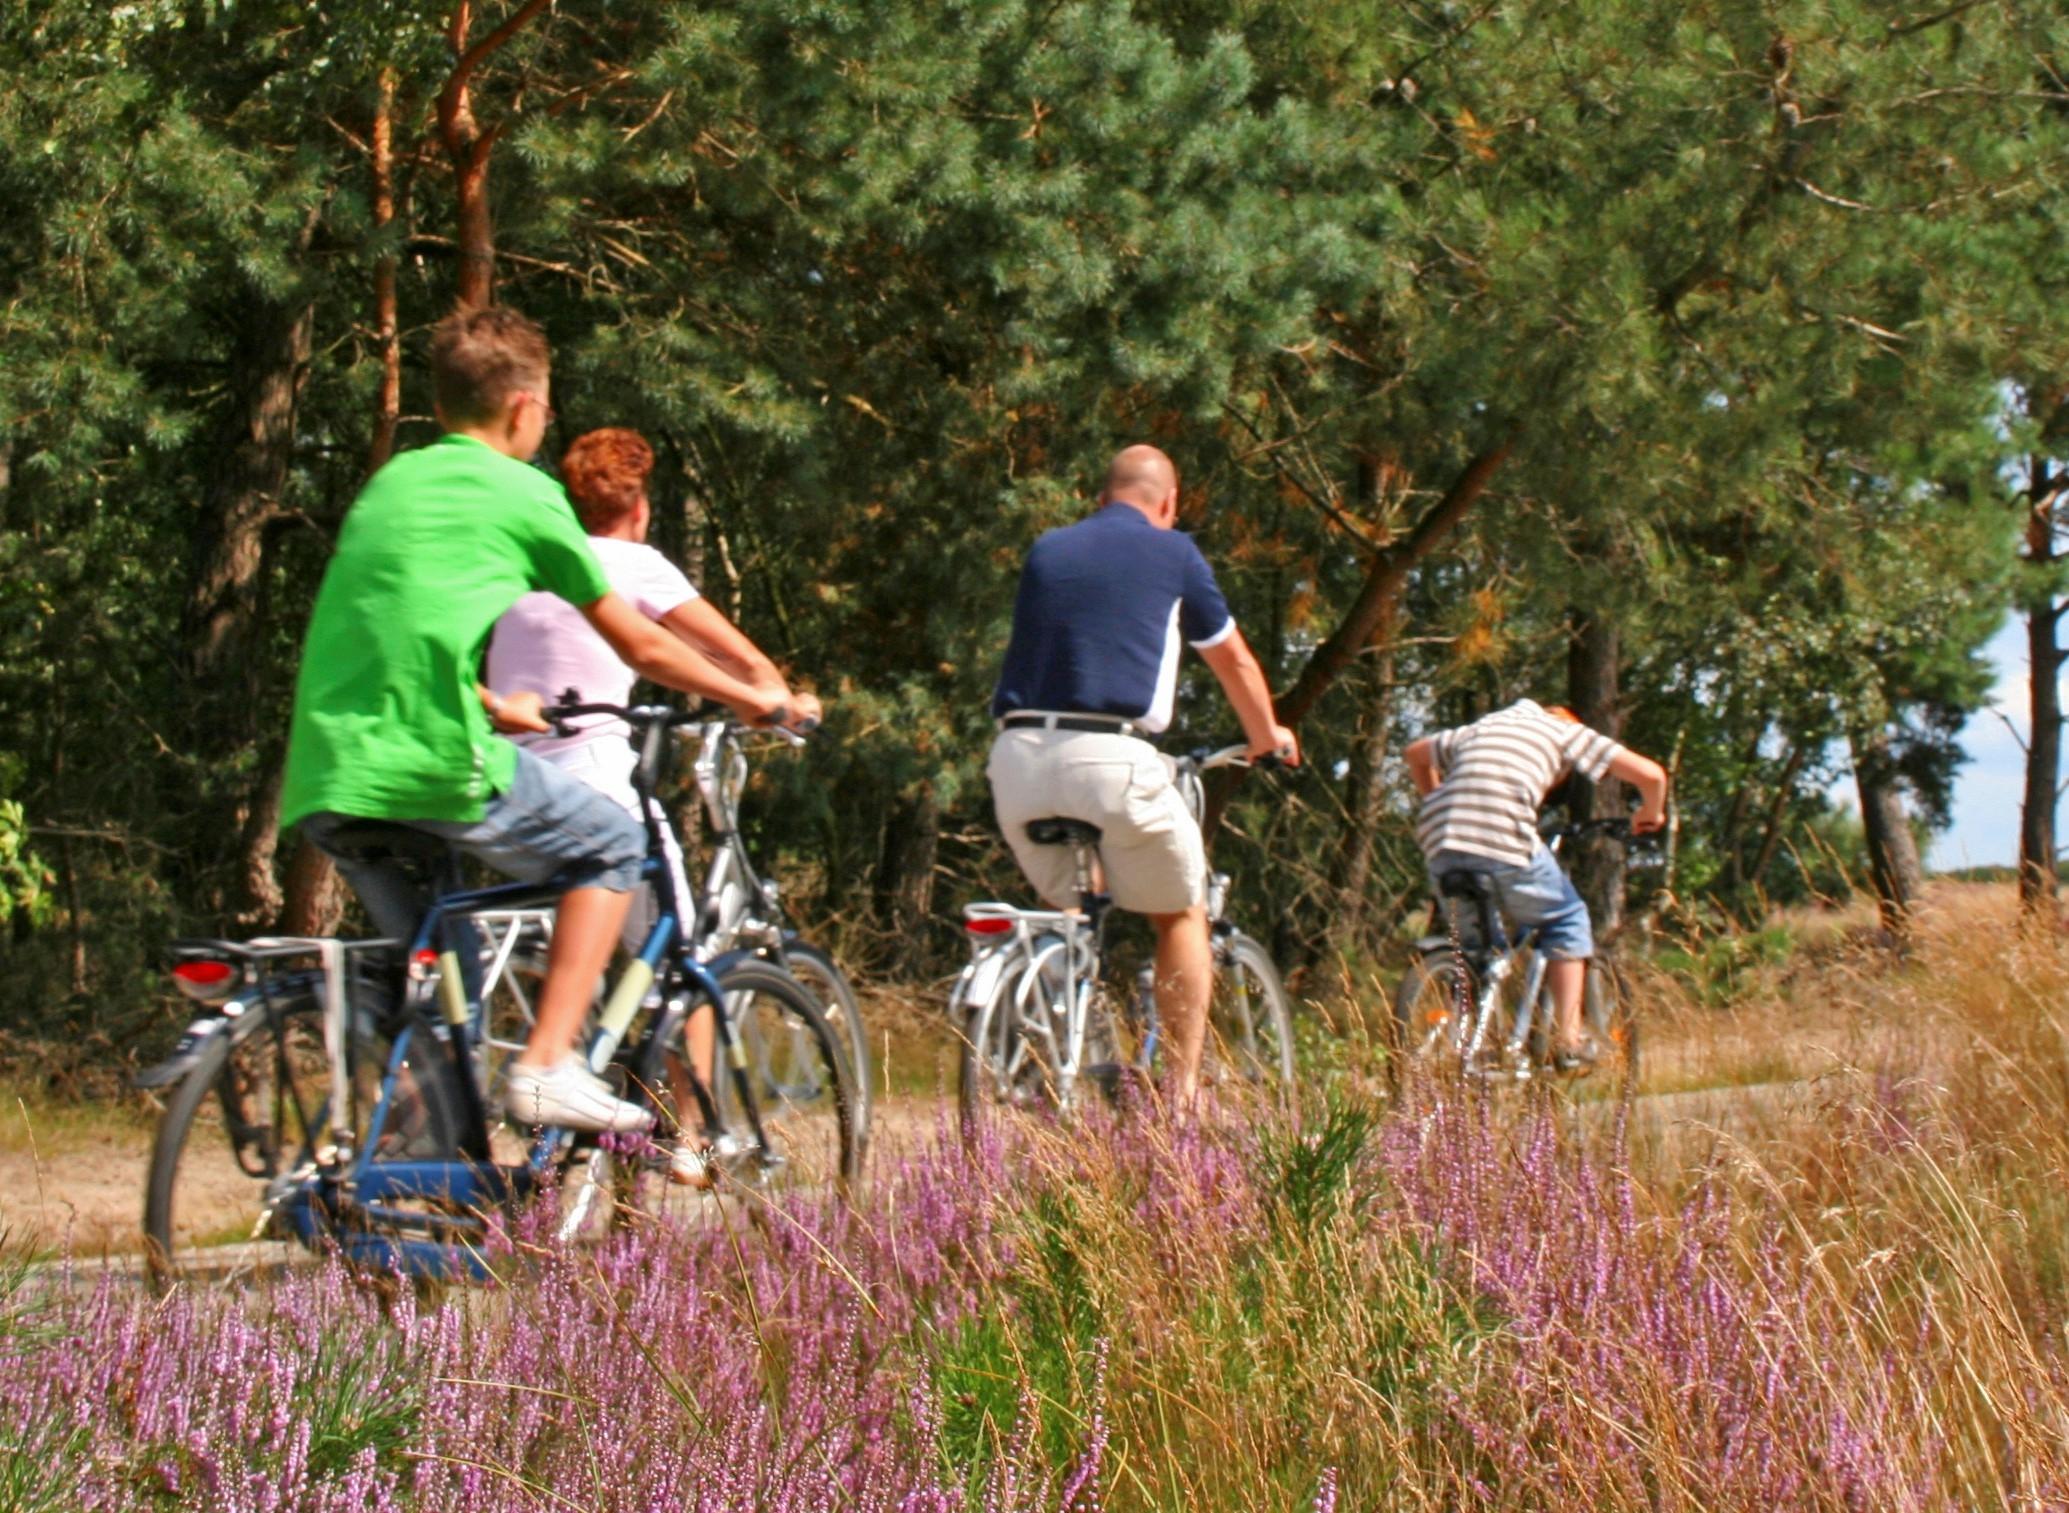 Snelle fietsroute tussen Apeldoorn en Epe op voormalige spoorlijn